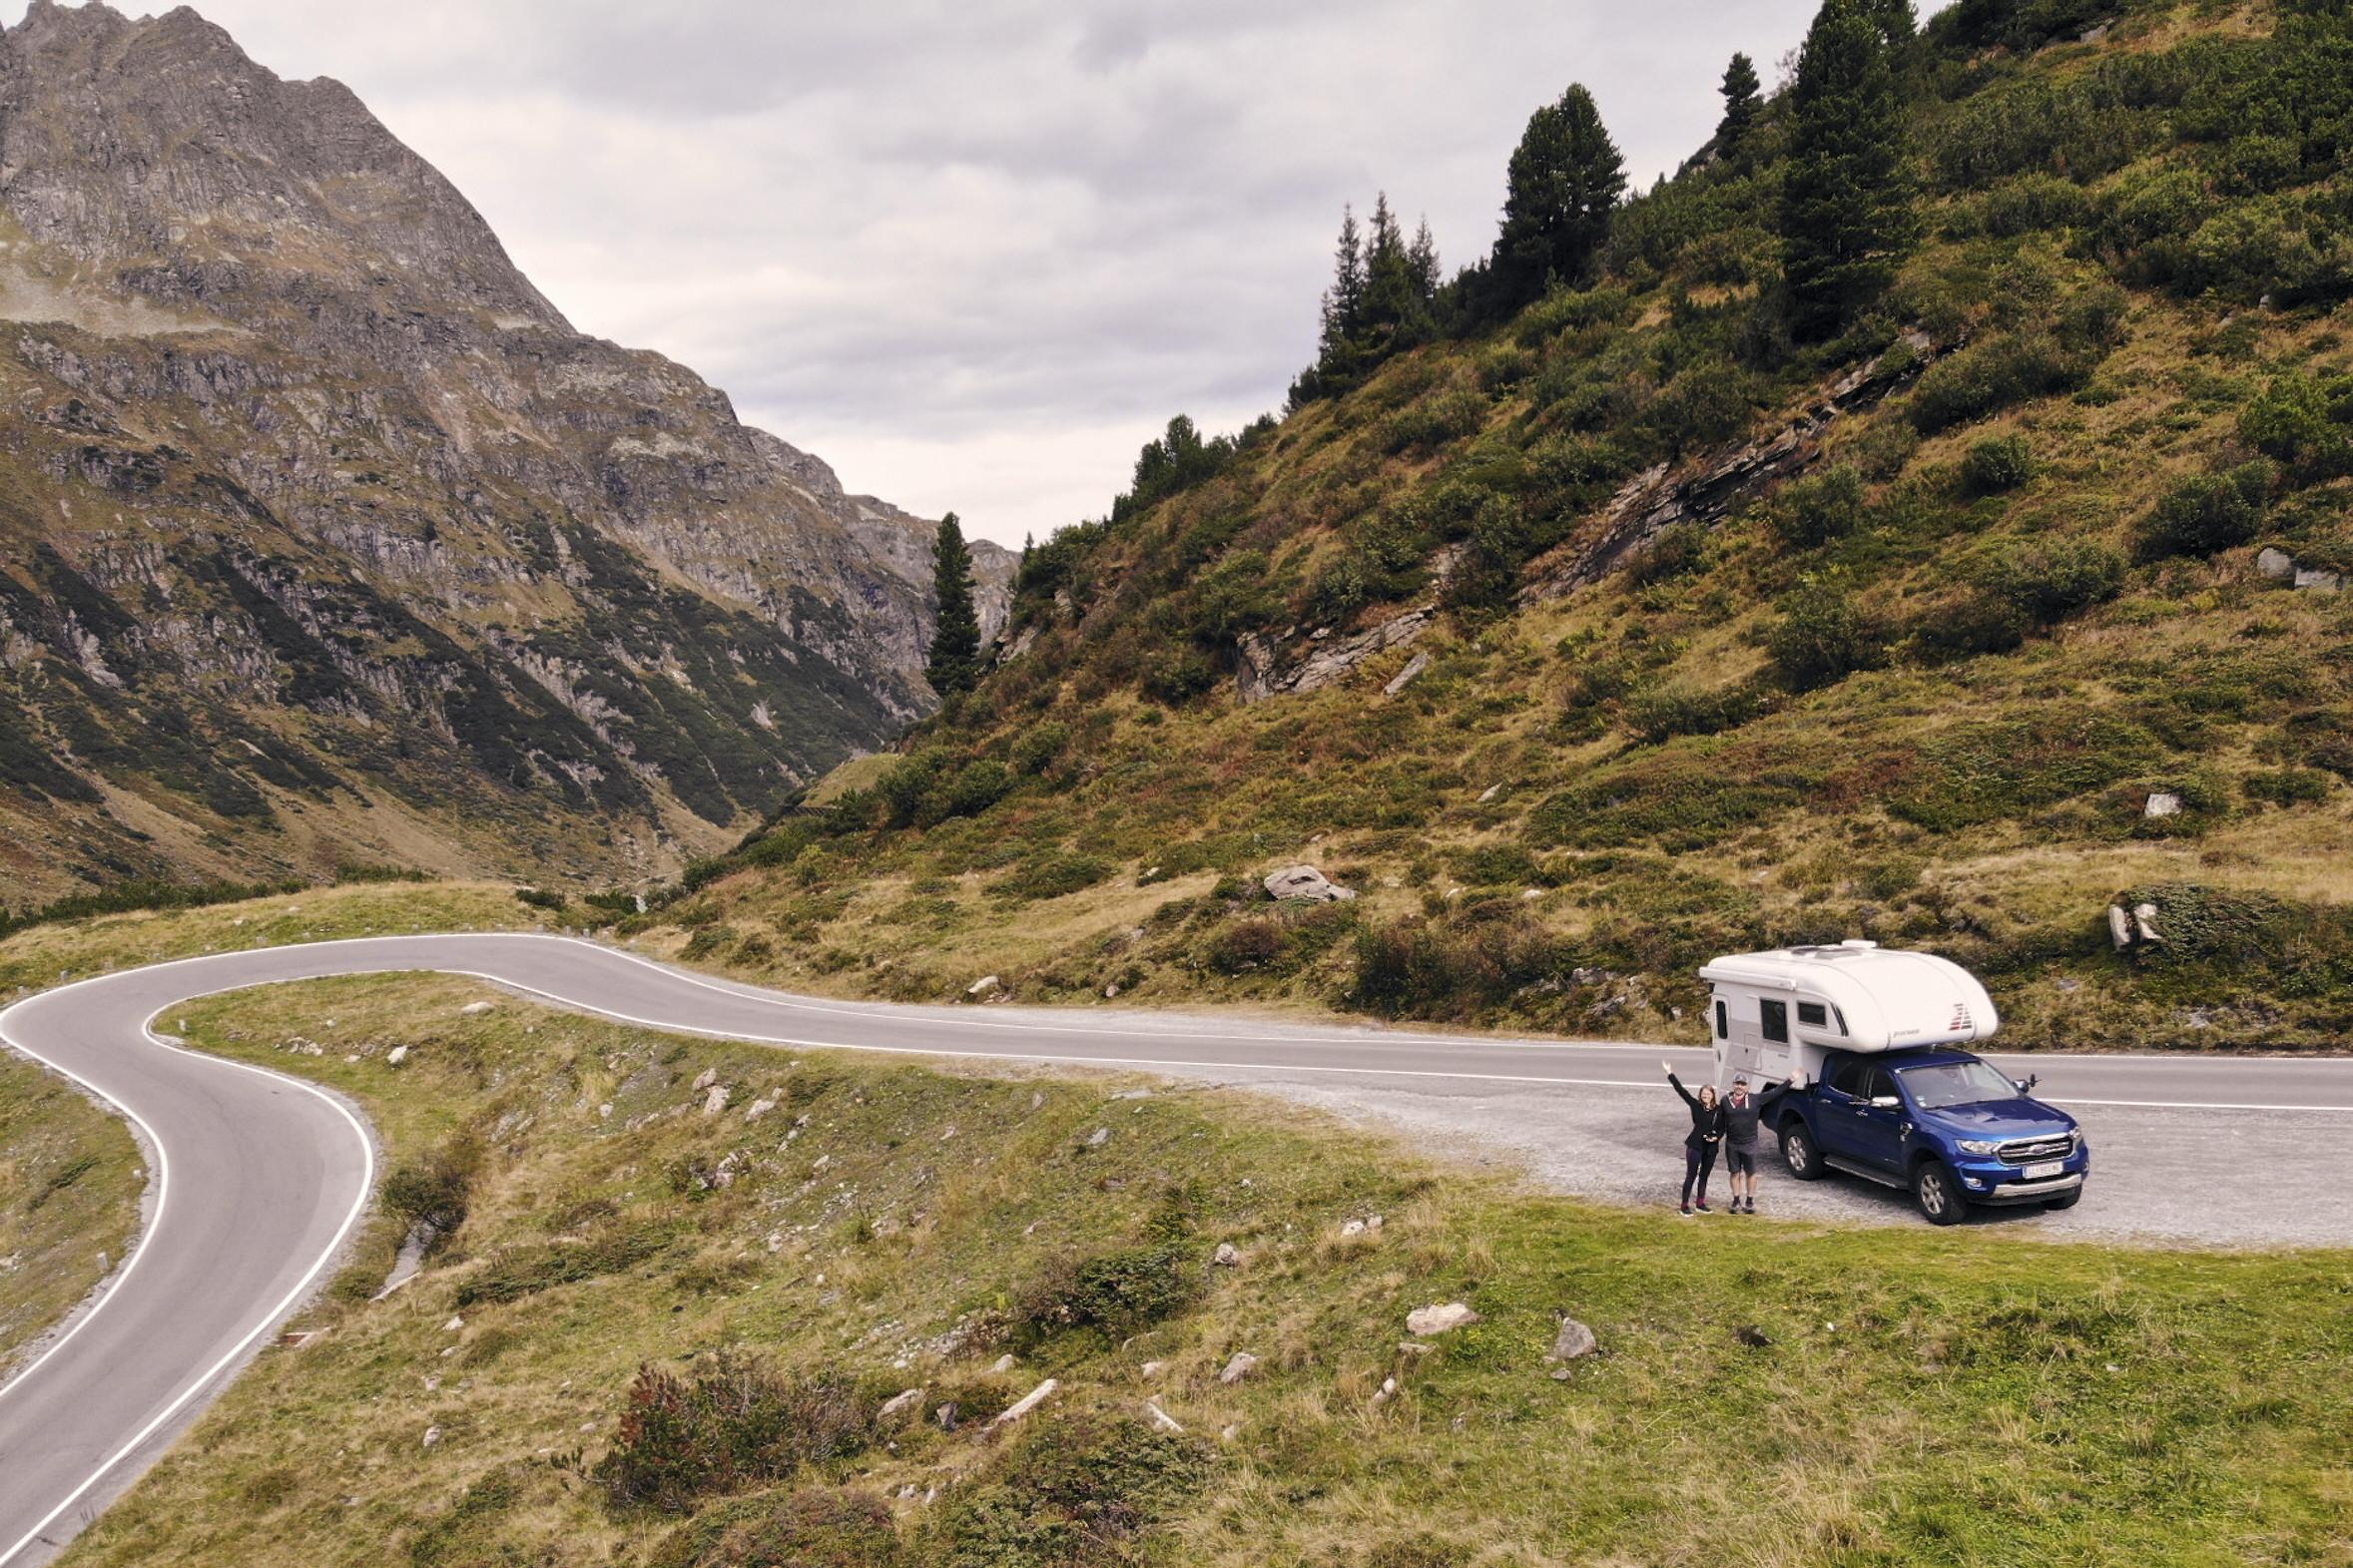 Bergstraße in Vorarlberg mit dem Pickup Camper. Durch Allradfunktion kommt man an Stellen, an die gewöhnliche Campingbusse nicht kommen